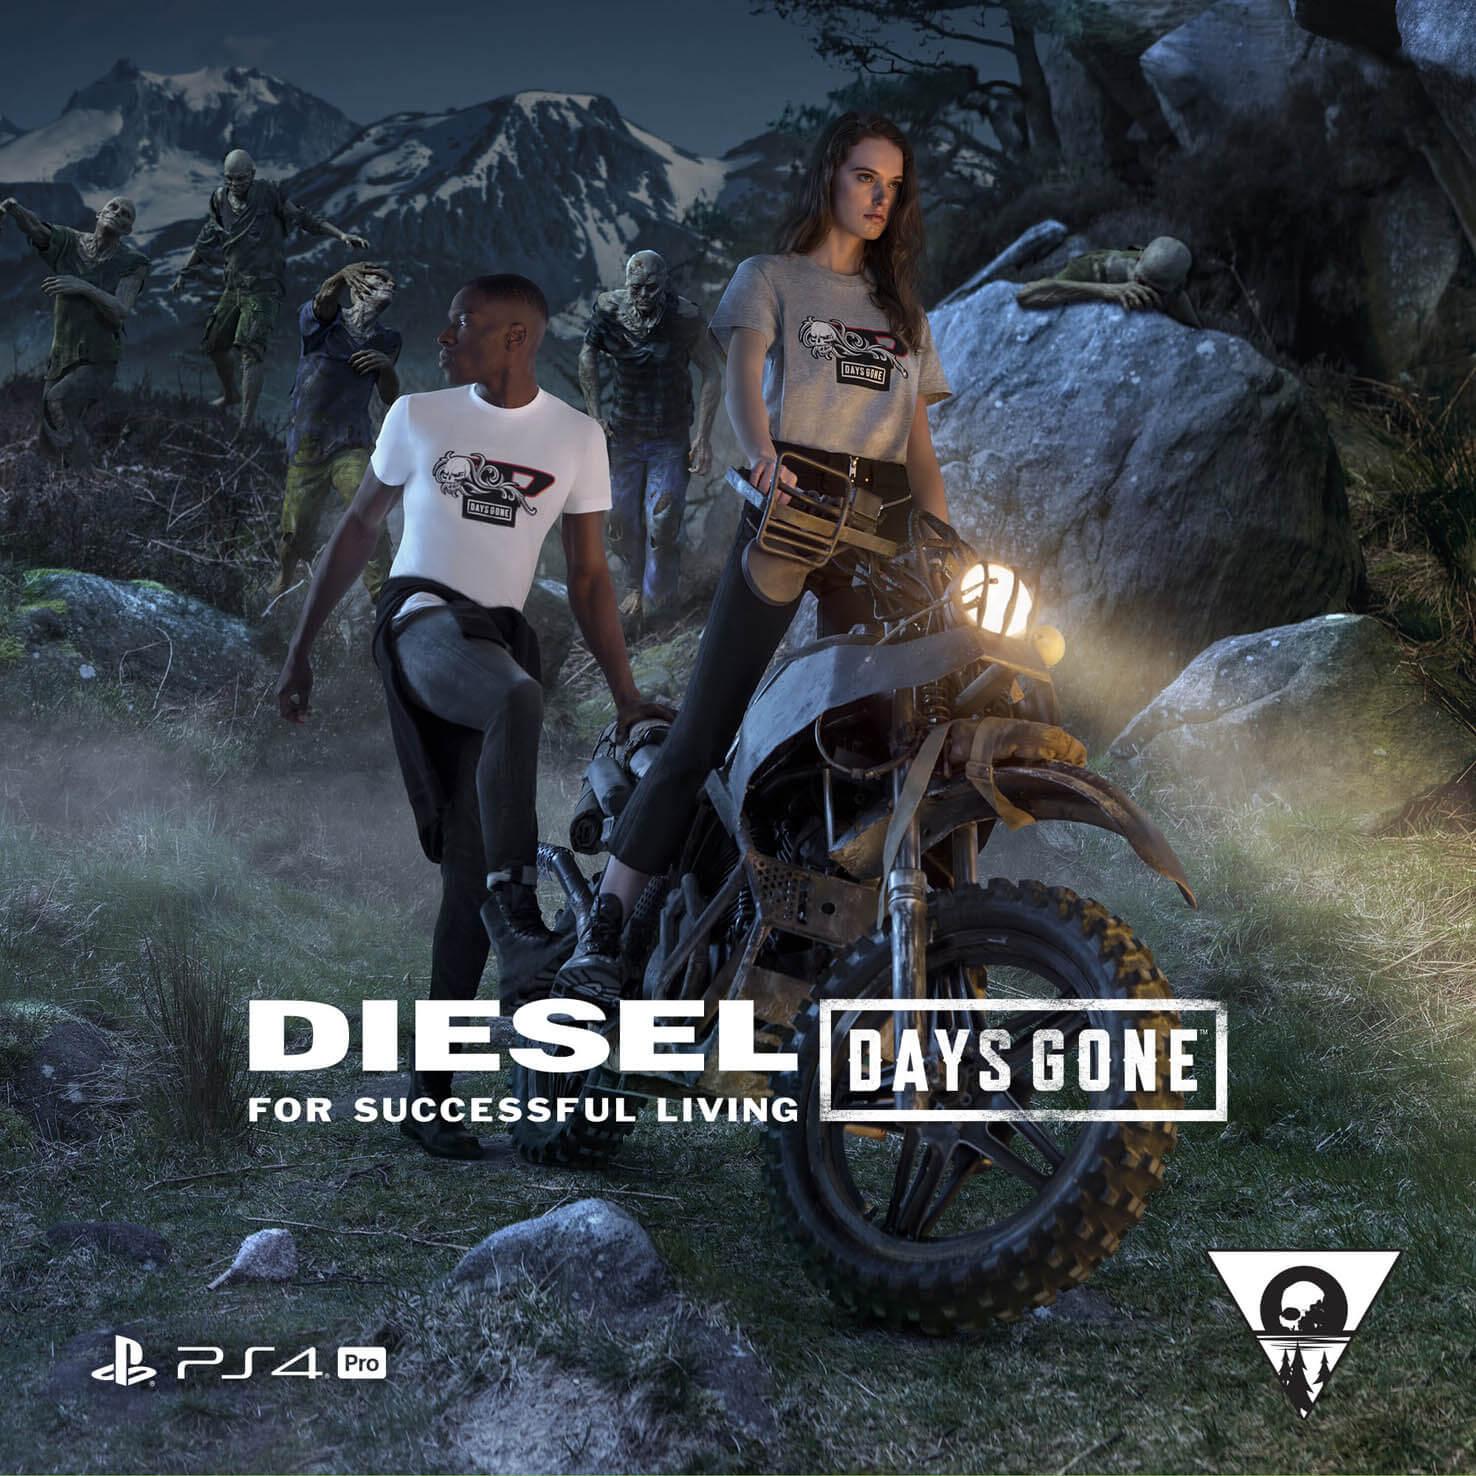 Days Gone Diesel